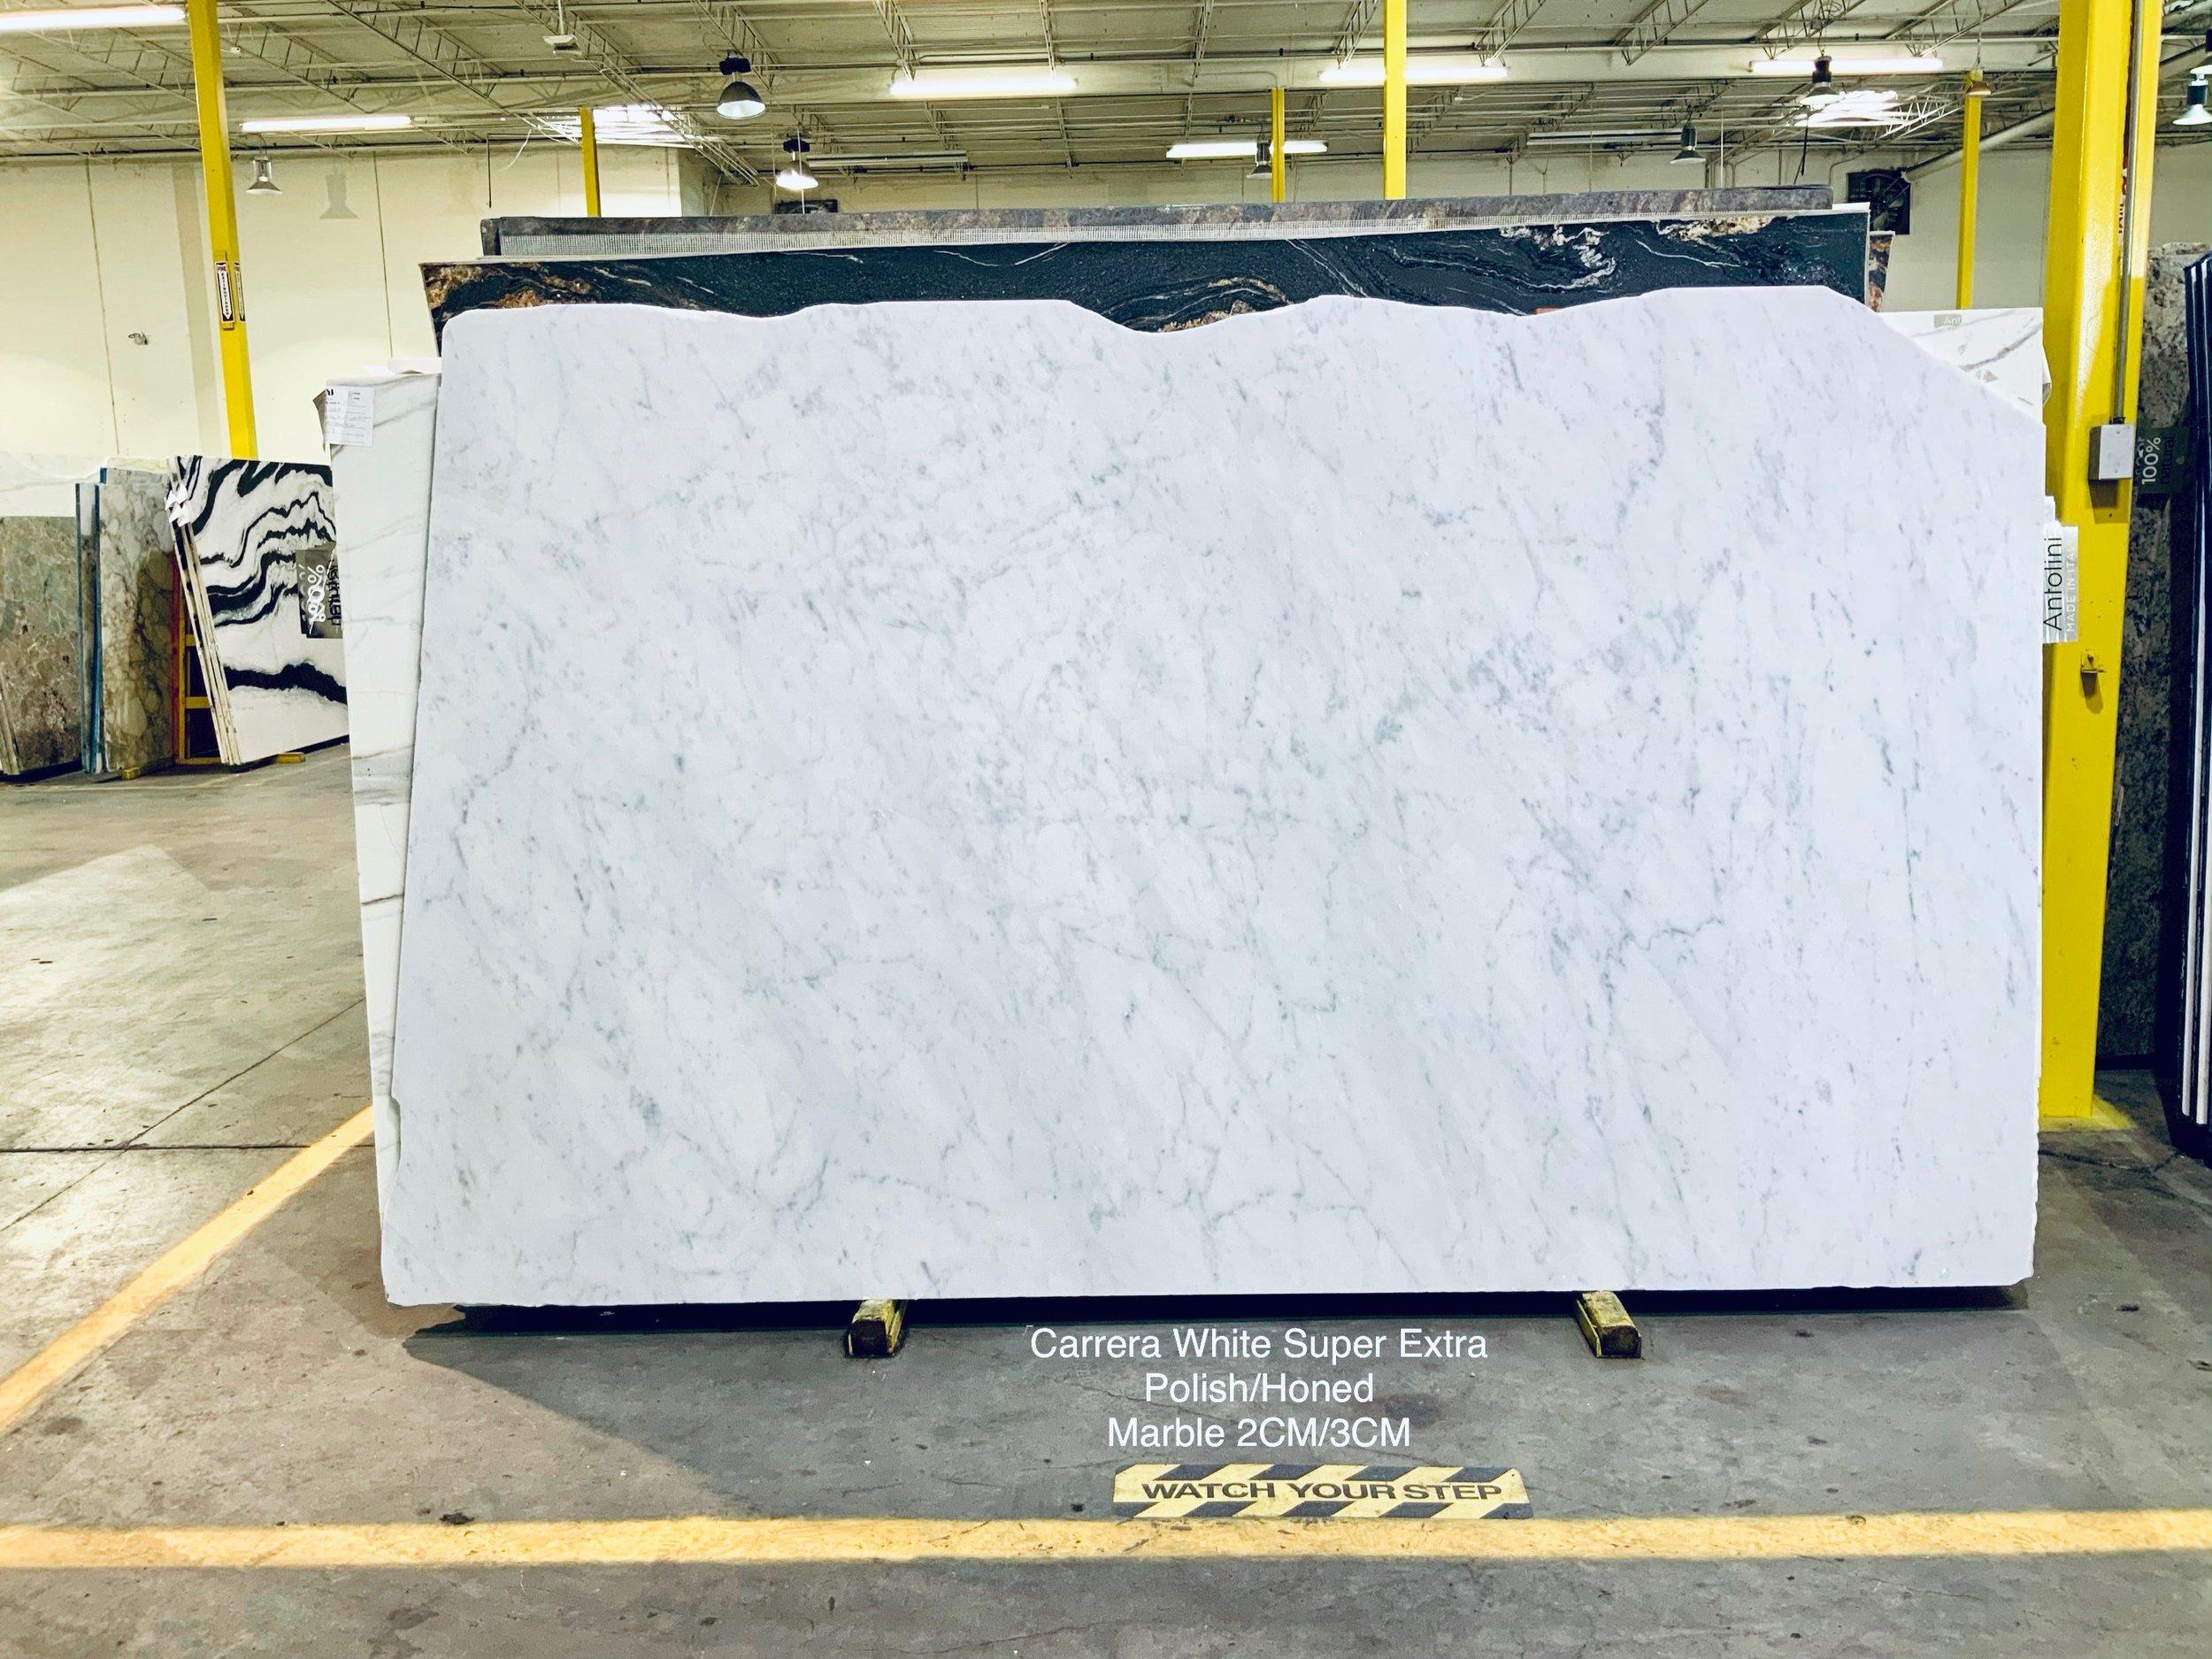 Carrara White Super Extra